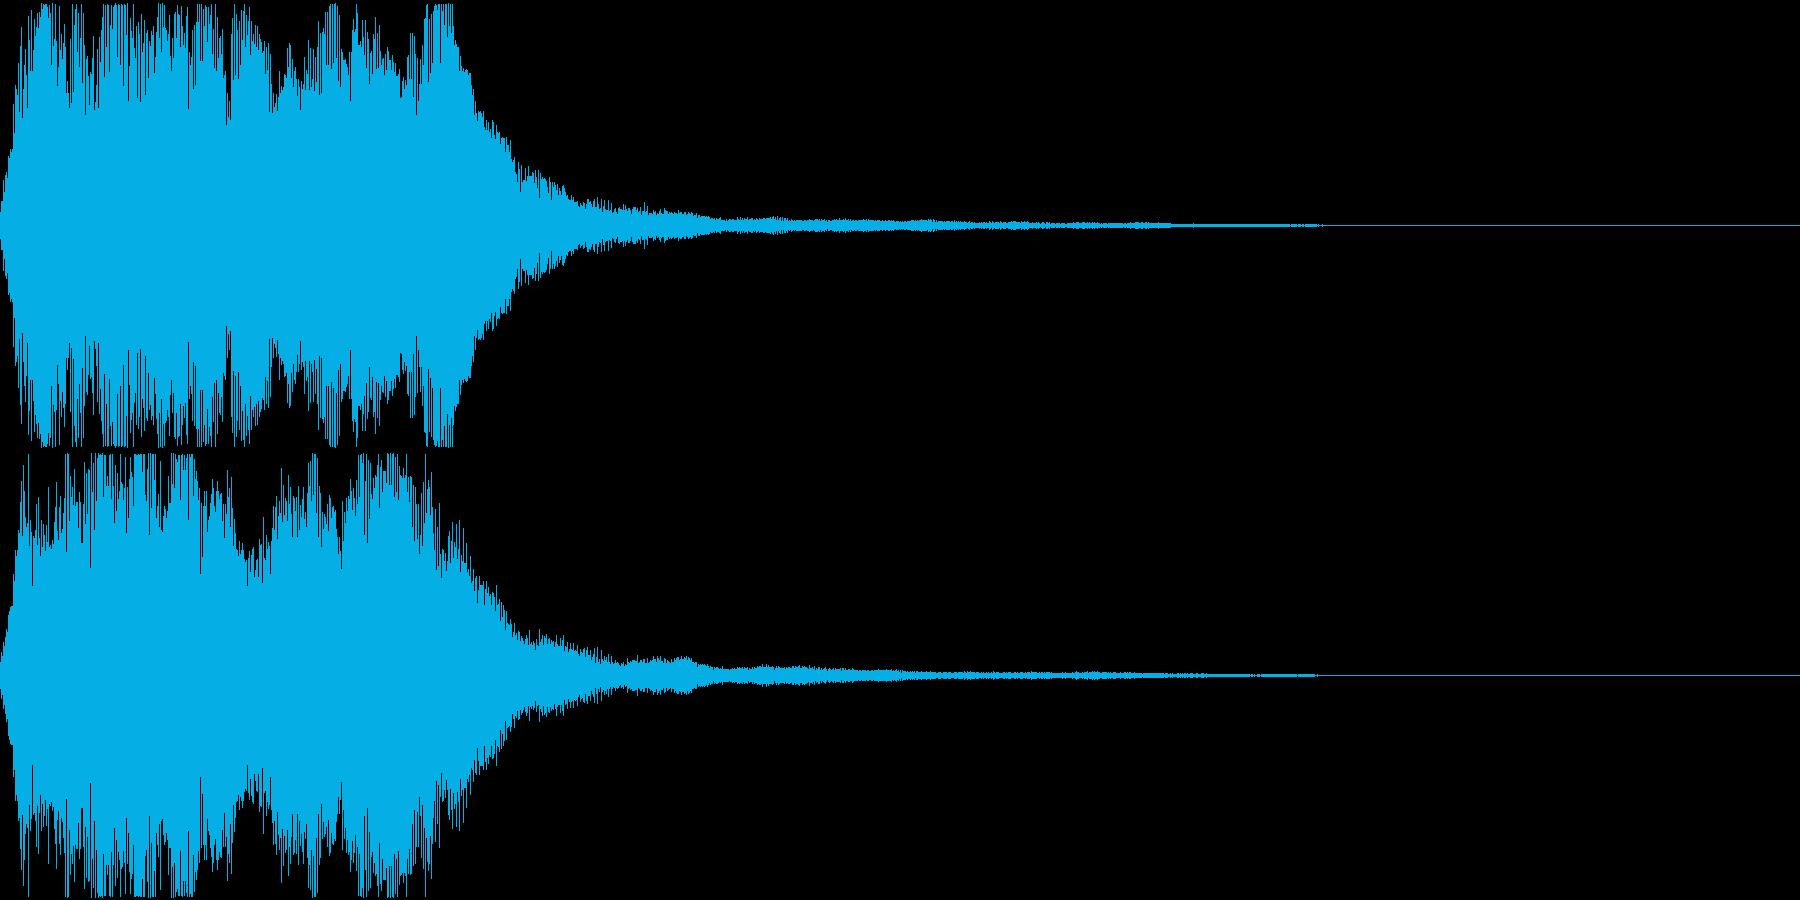 ラッパ ファンファーレ 定番 6 早いの再生済みの波形